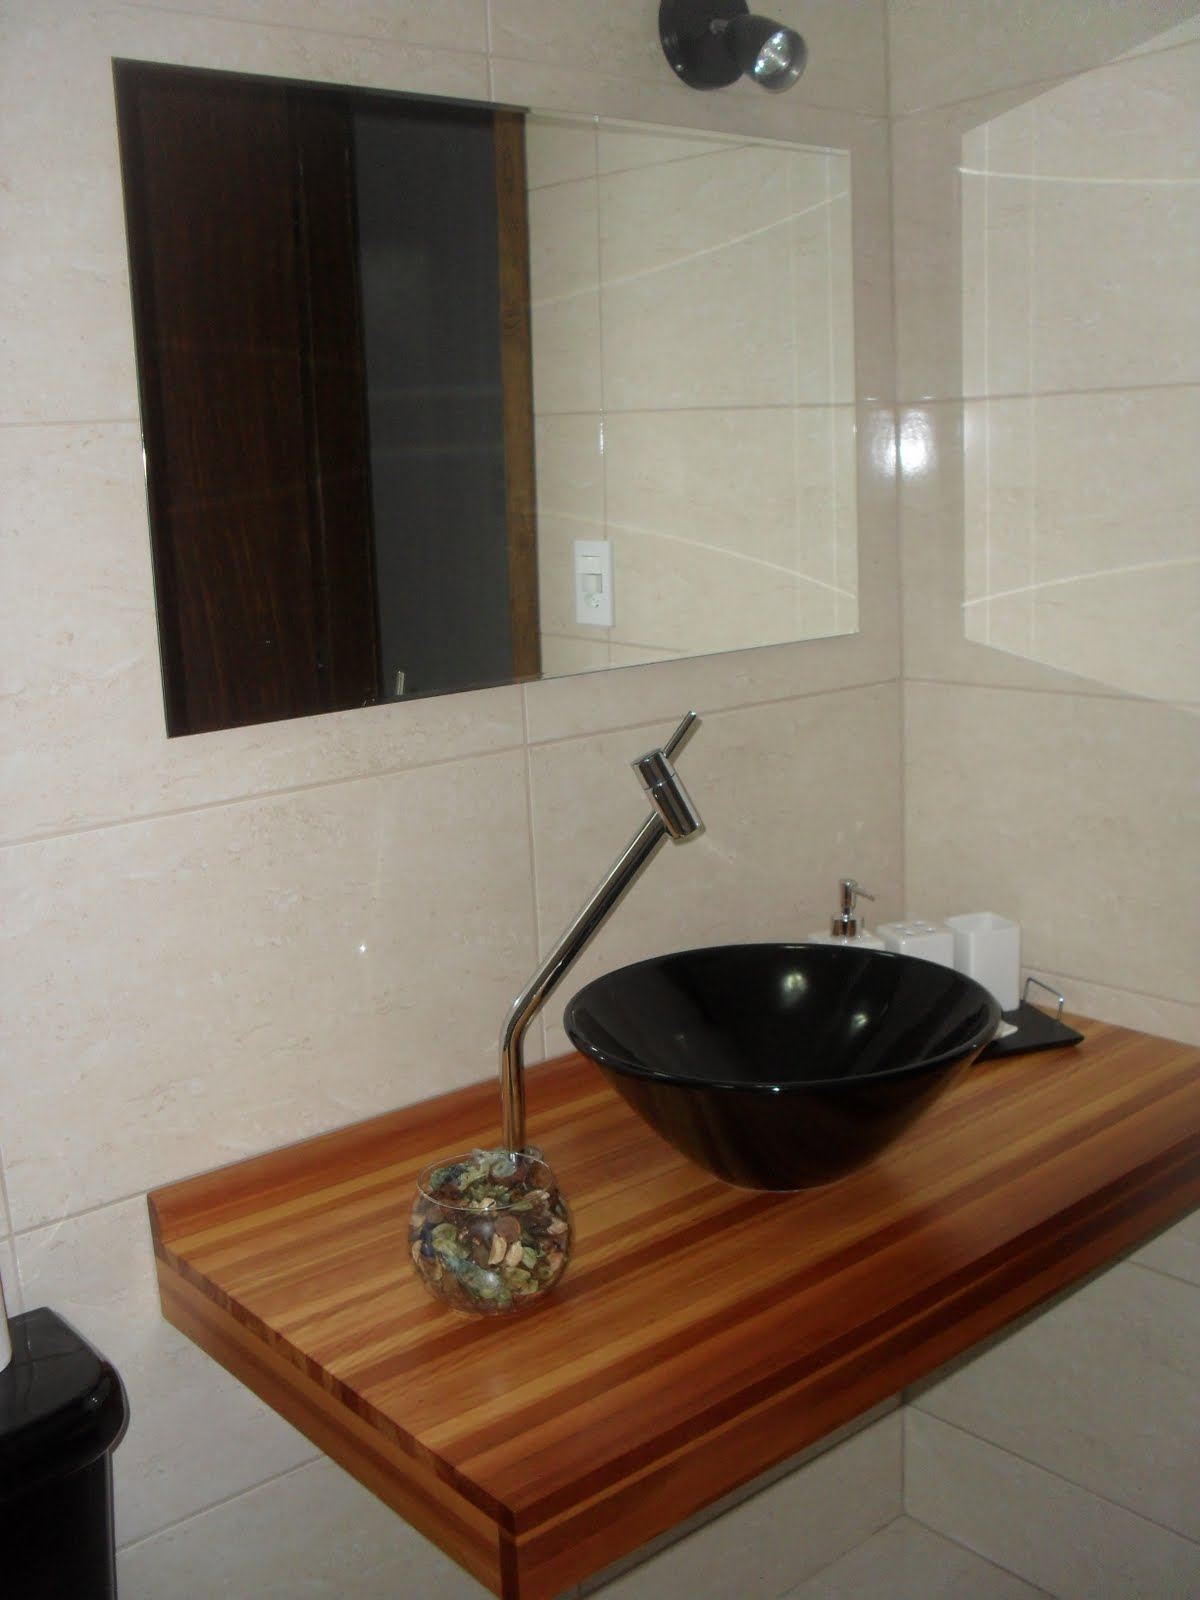 banheiro é lindo mais a bancada esta muito peladinha segue fotinhas #6E3B1C 1200x1600 Banheiro Com Bancada